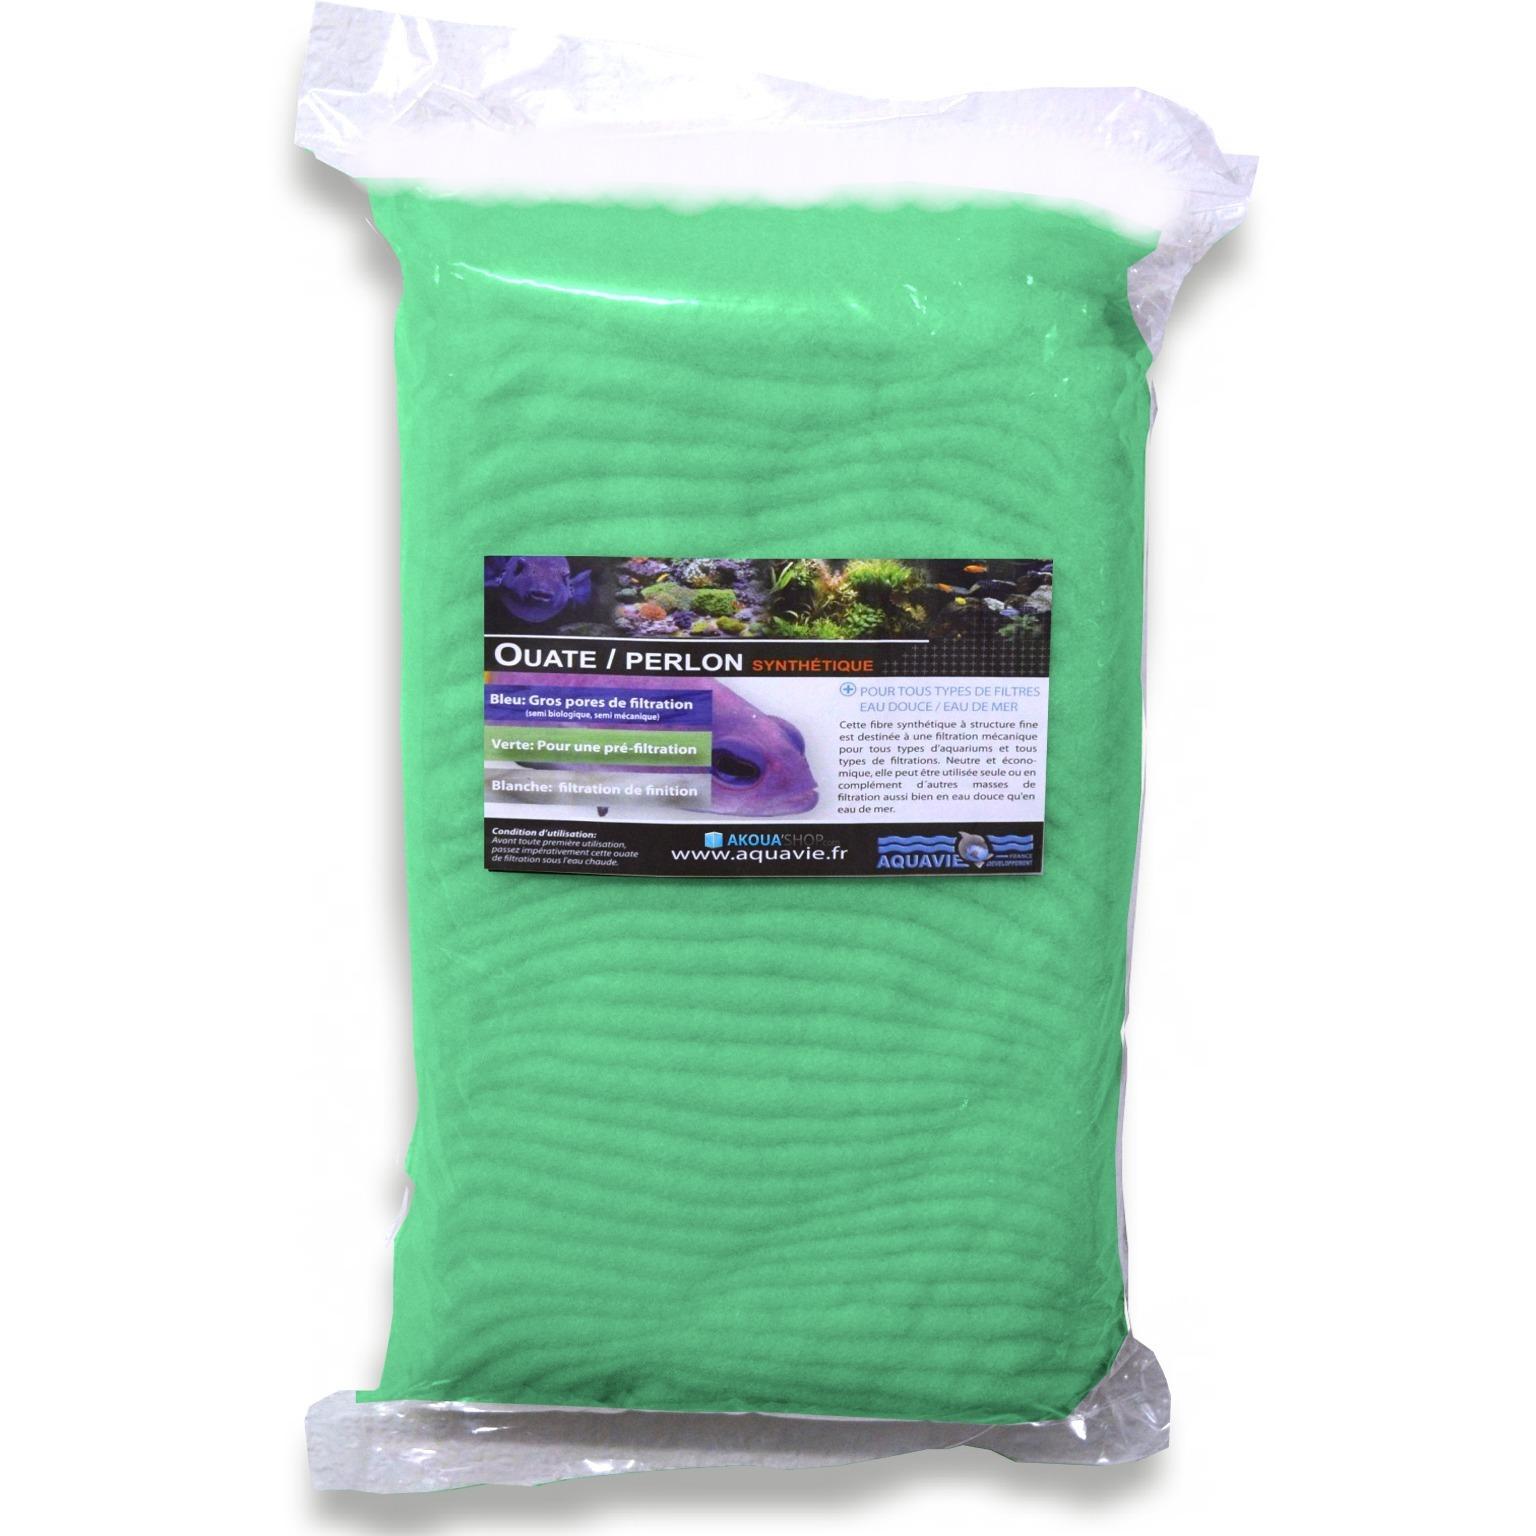 AQUAVIE Ouate verte 1000 gr spéciale pré-filtration pour aquarium d\'eau douce et d\'eau de mer